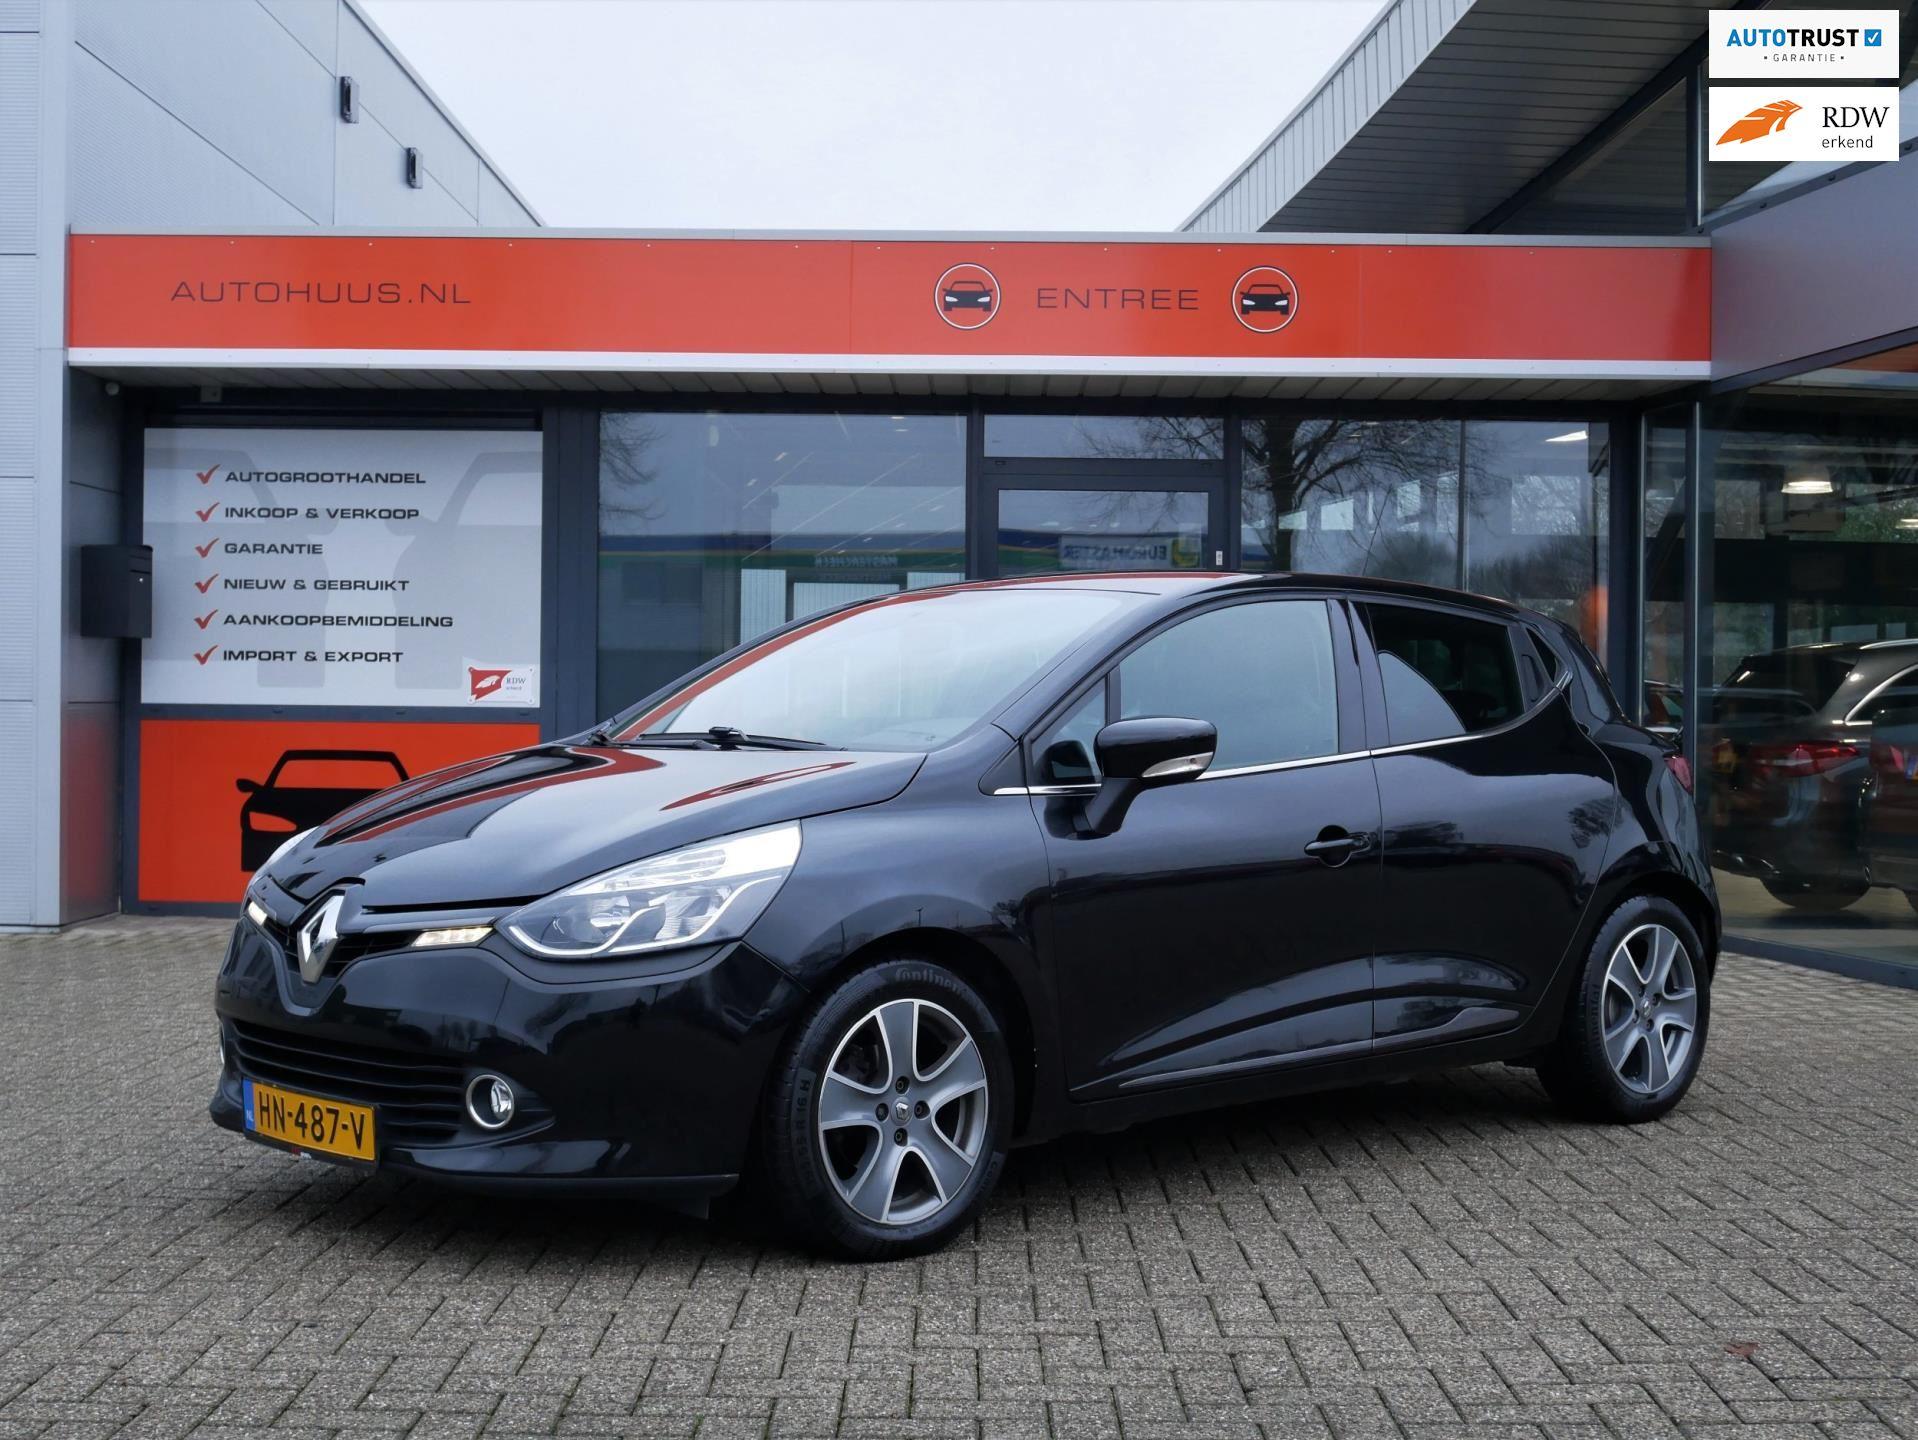 Renault Clio occasion - Autohuus B.V.